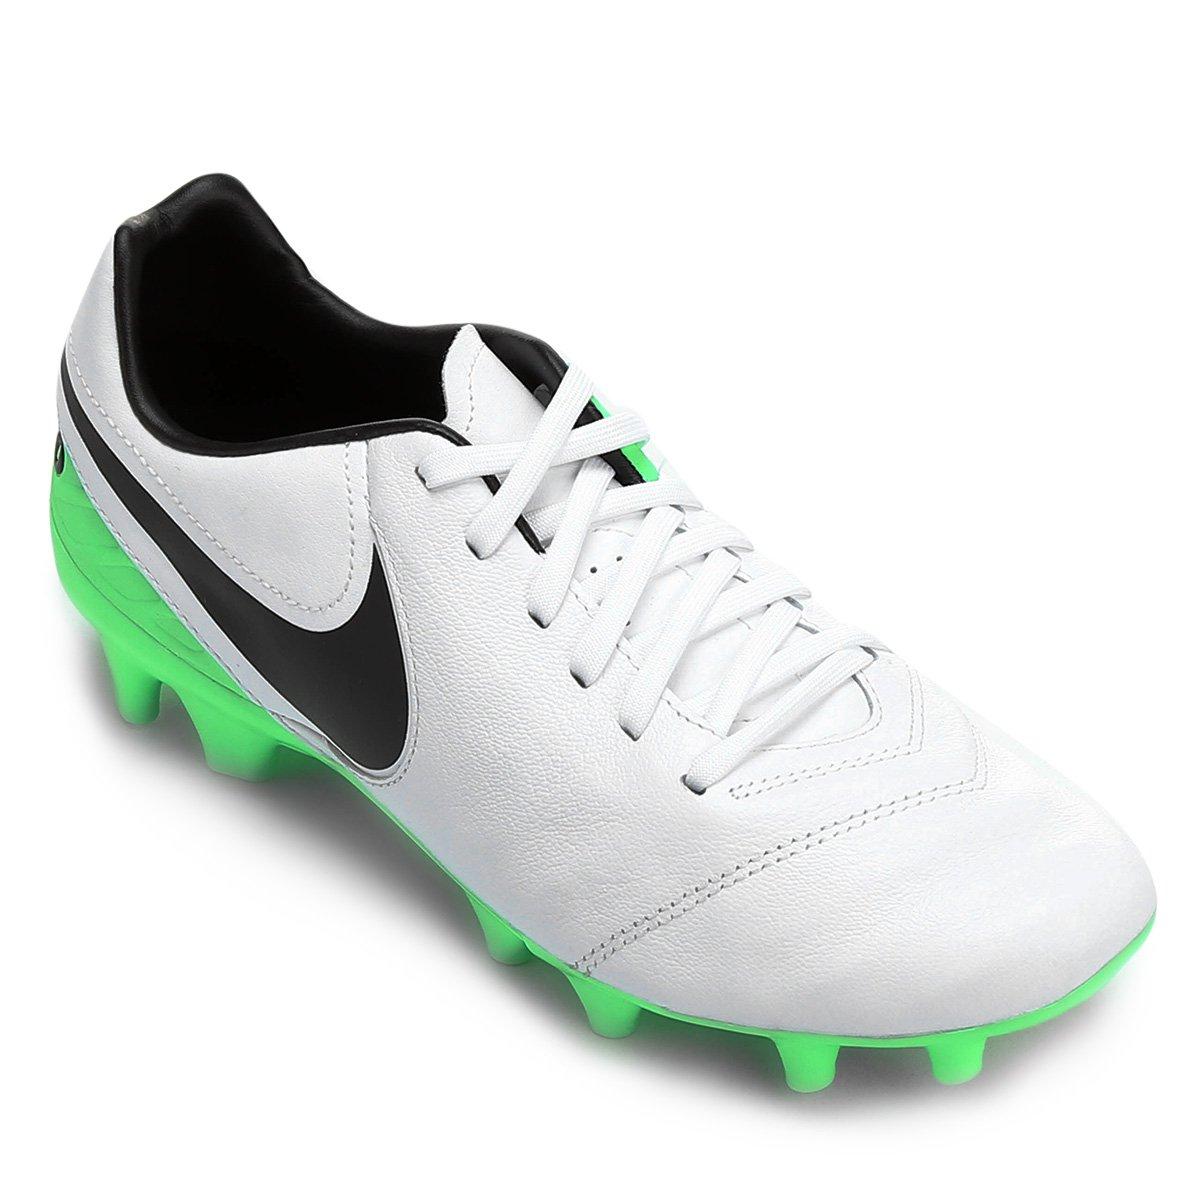 c2ff313151 Chuteira Campo Nike Tiempo Mystic 5 FG - Compre Agora